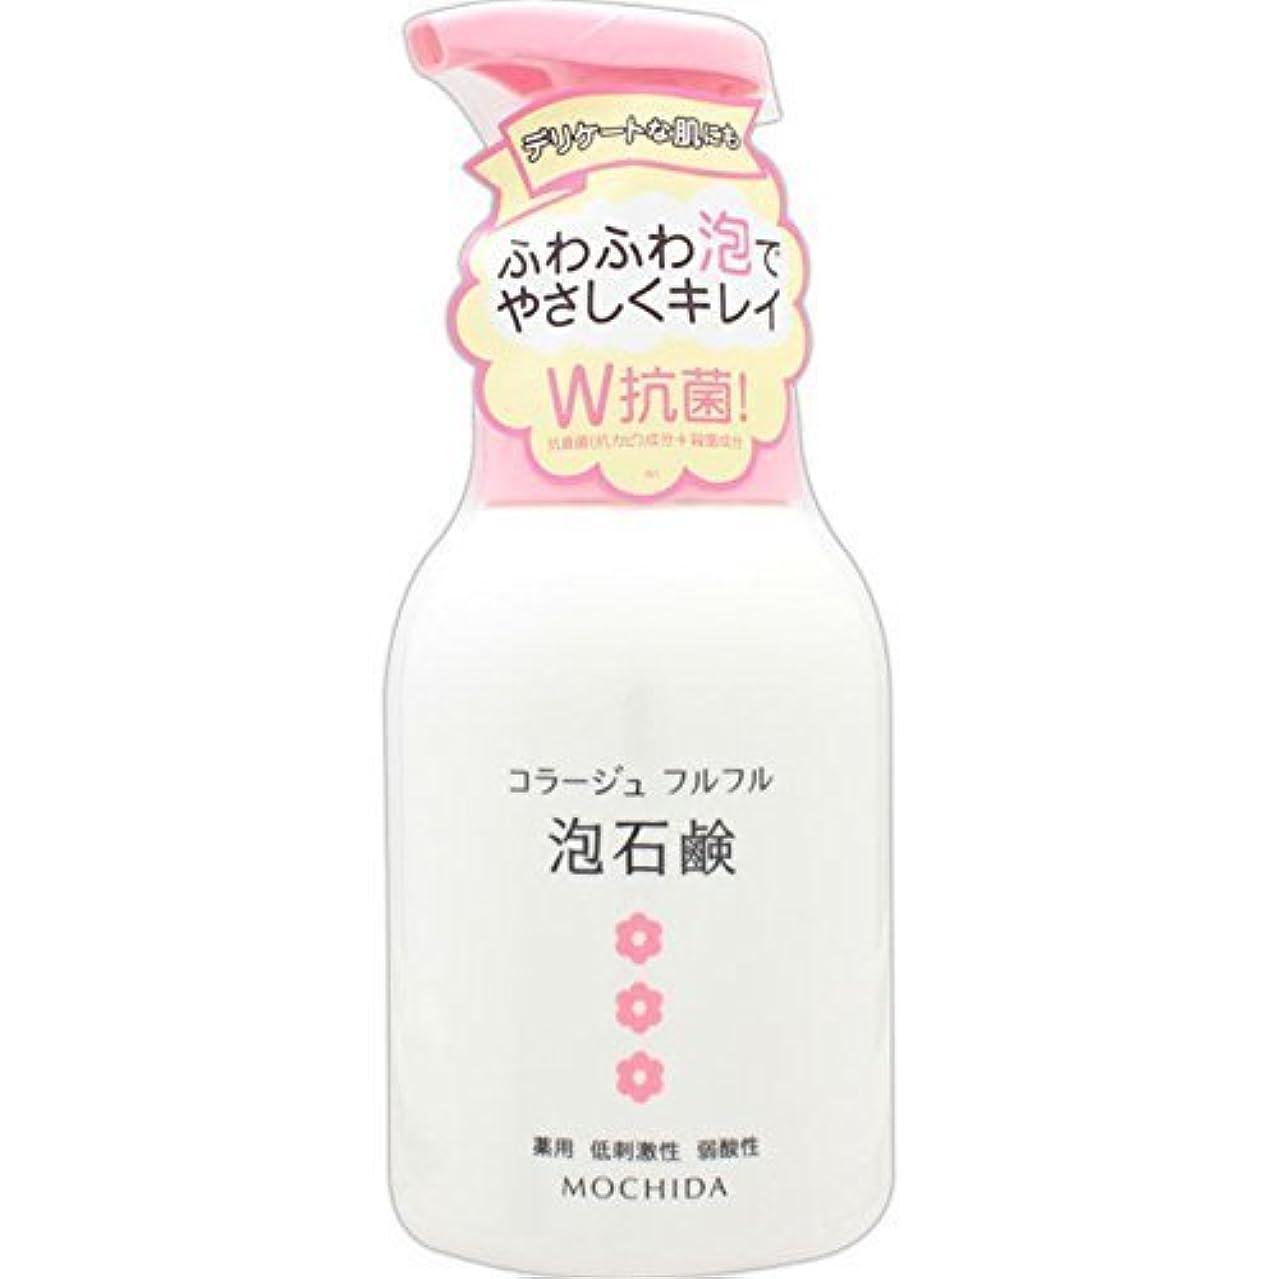 プロフィール重力異常コラージュフルフル 泡石鹸 ピンク 300m L (医薬部外品) ×2